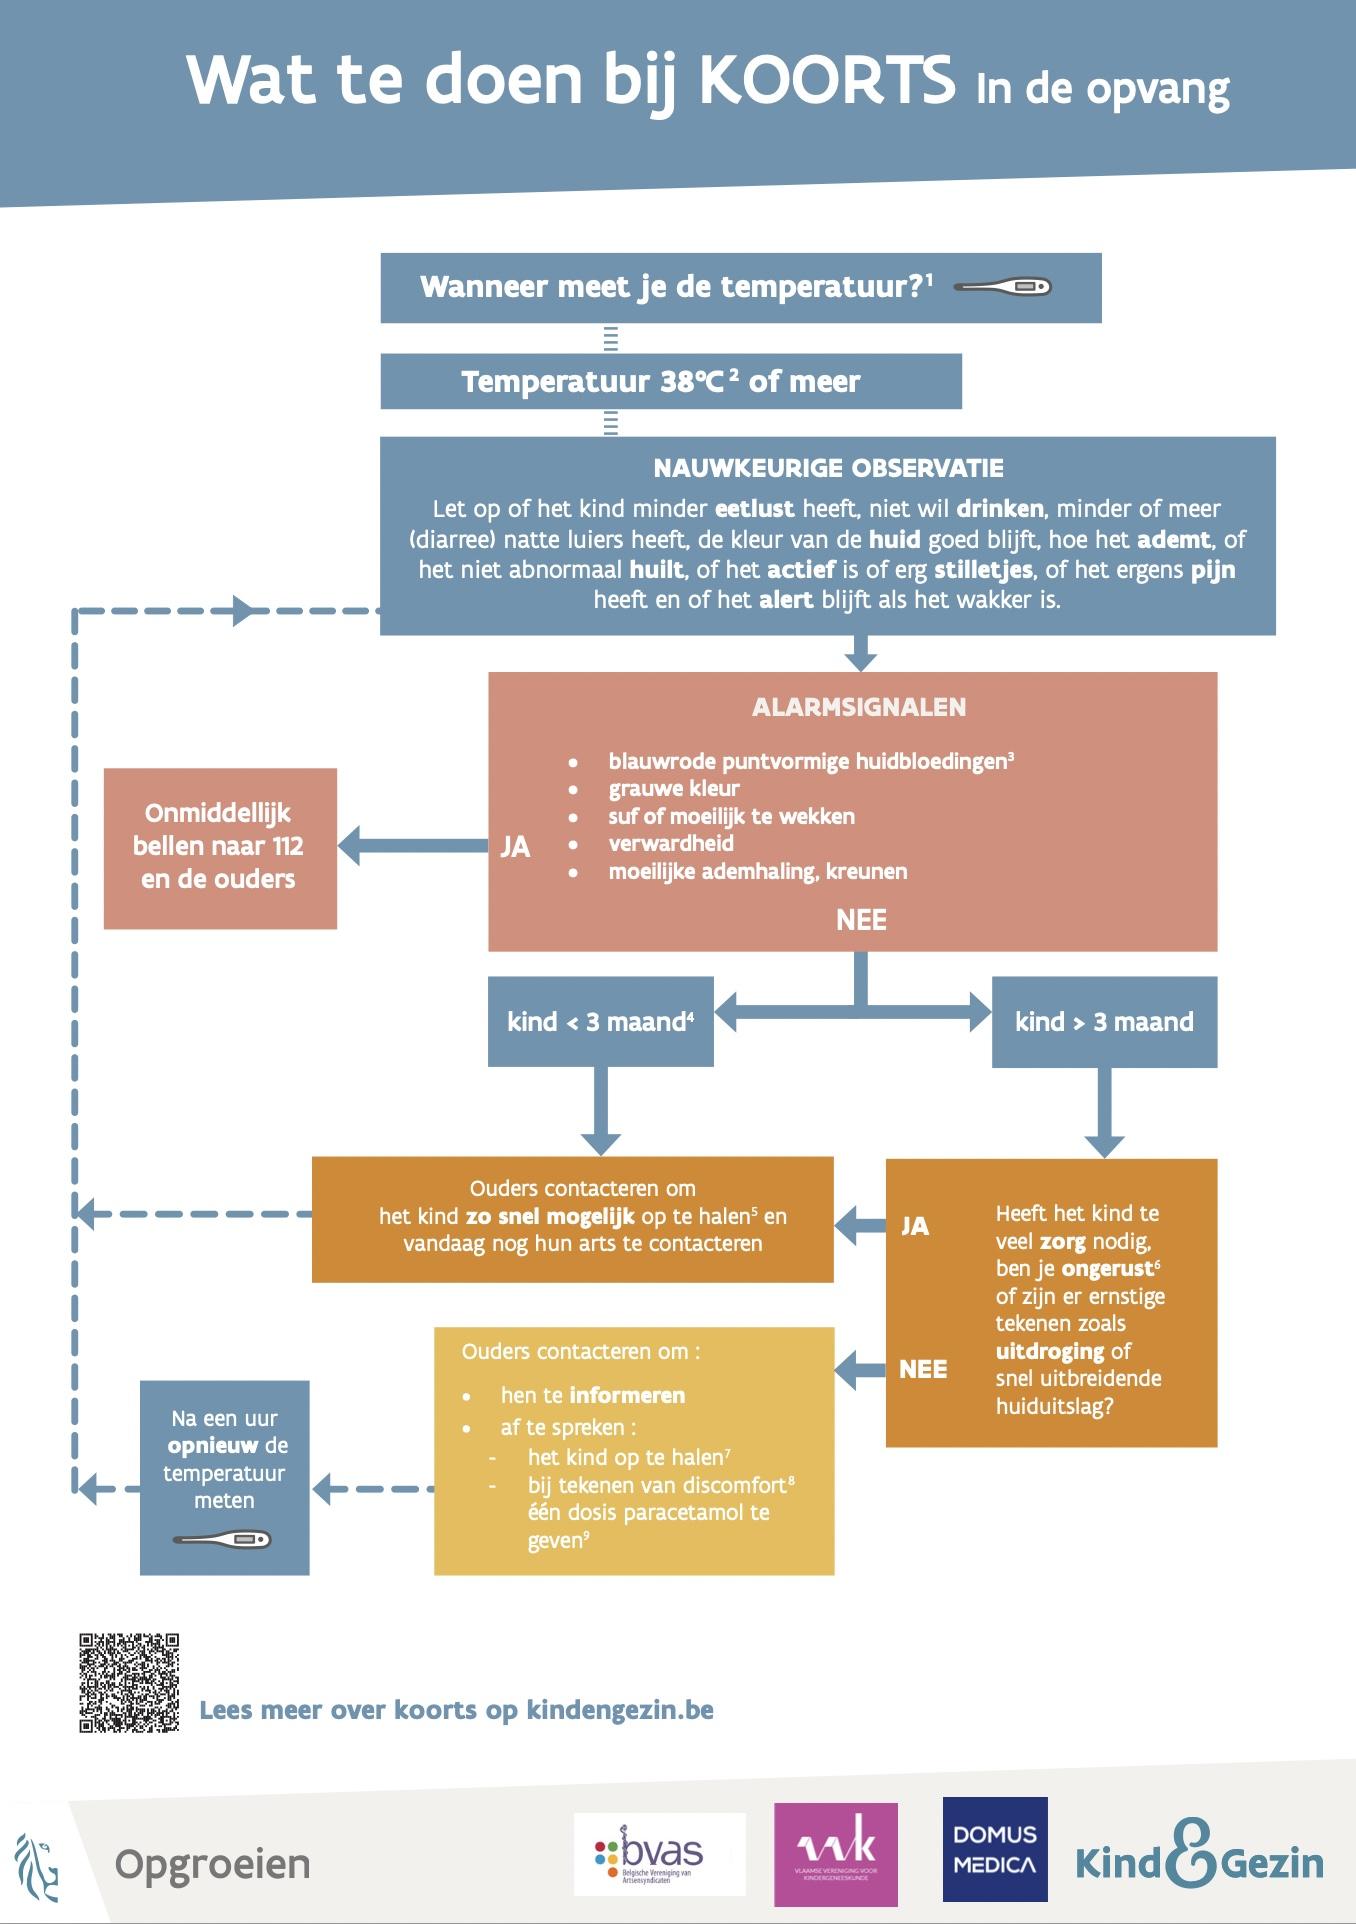 Wat te doen bij koorts? Koortsdiagram voor kinderopvang van Kind en Gezin, Opgroeien